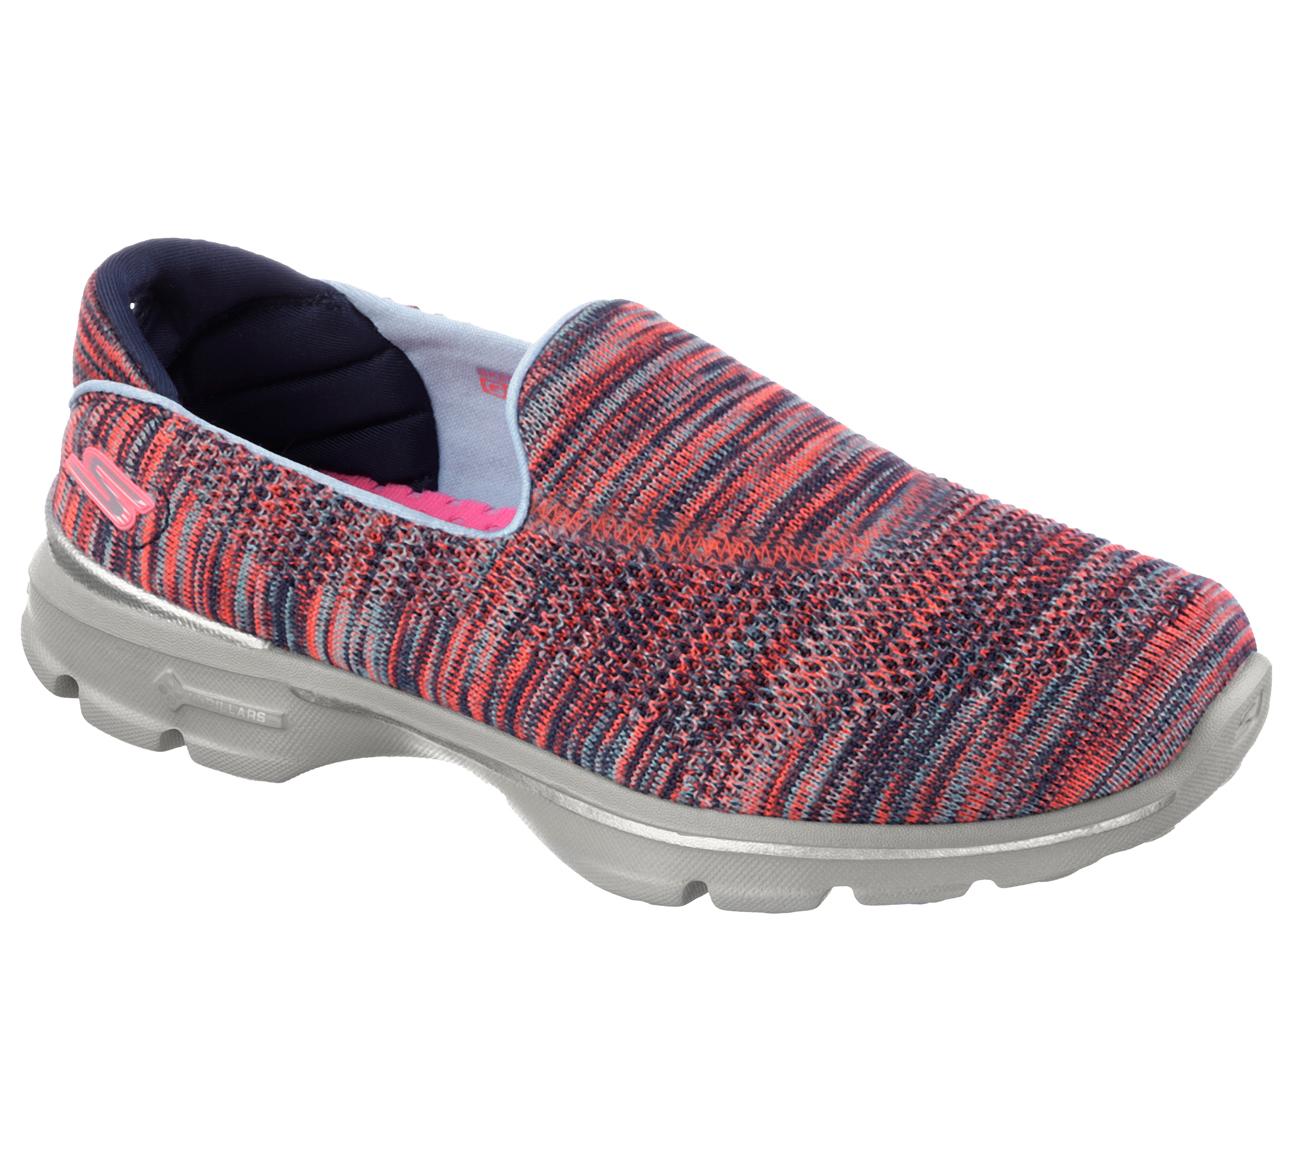 Fila Women's Skele-Toes Moc Water Shoe